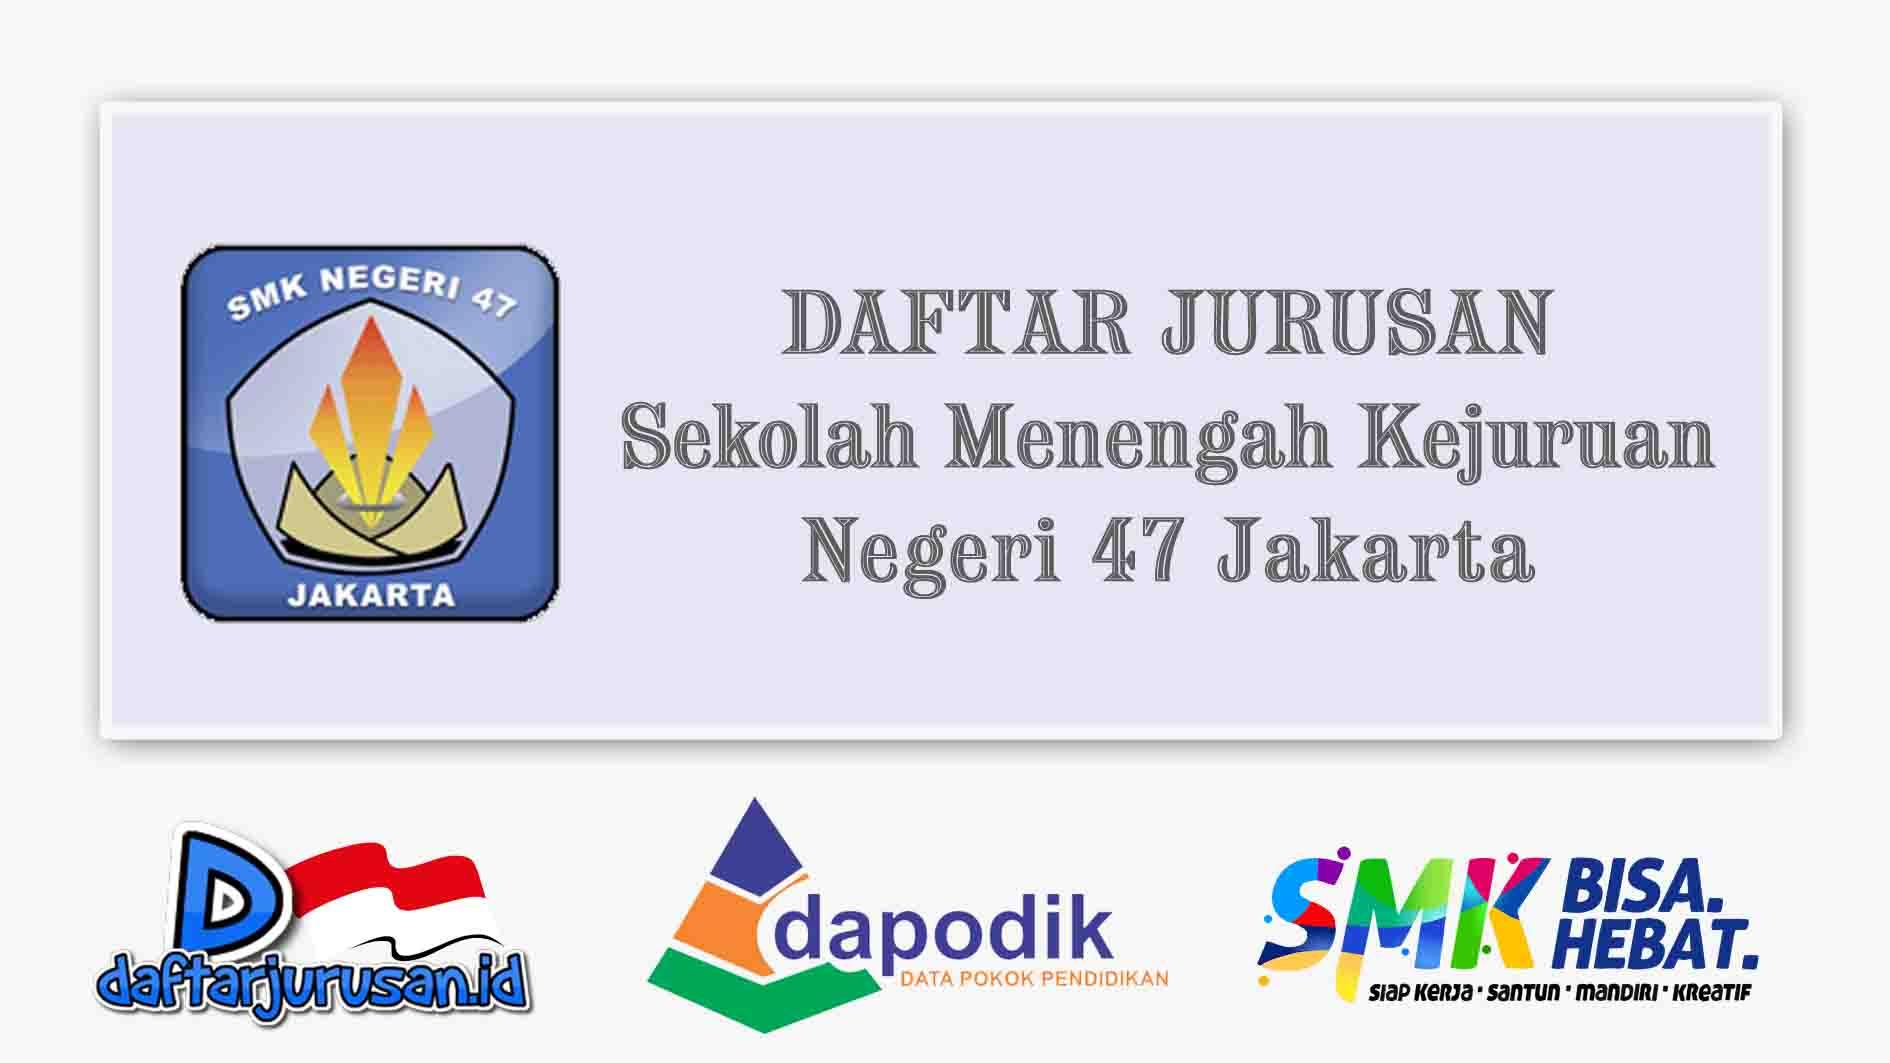 Daftar Jurusan SMK Negeri 47 Jakarta Selatan